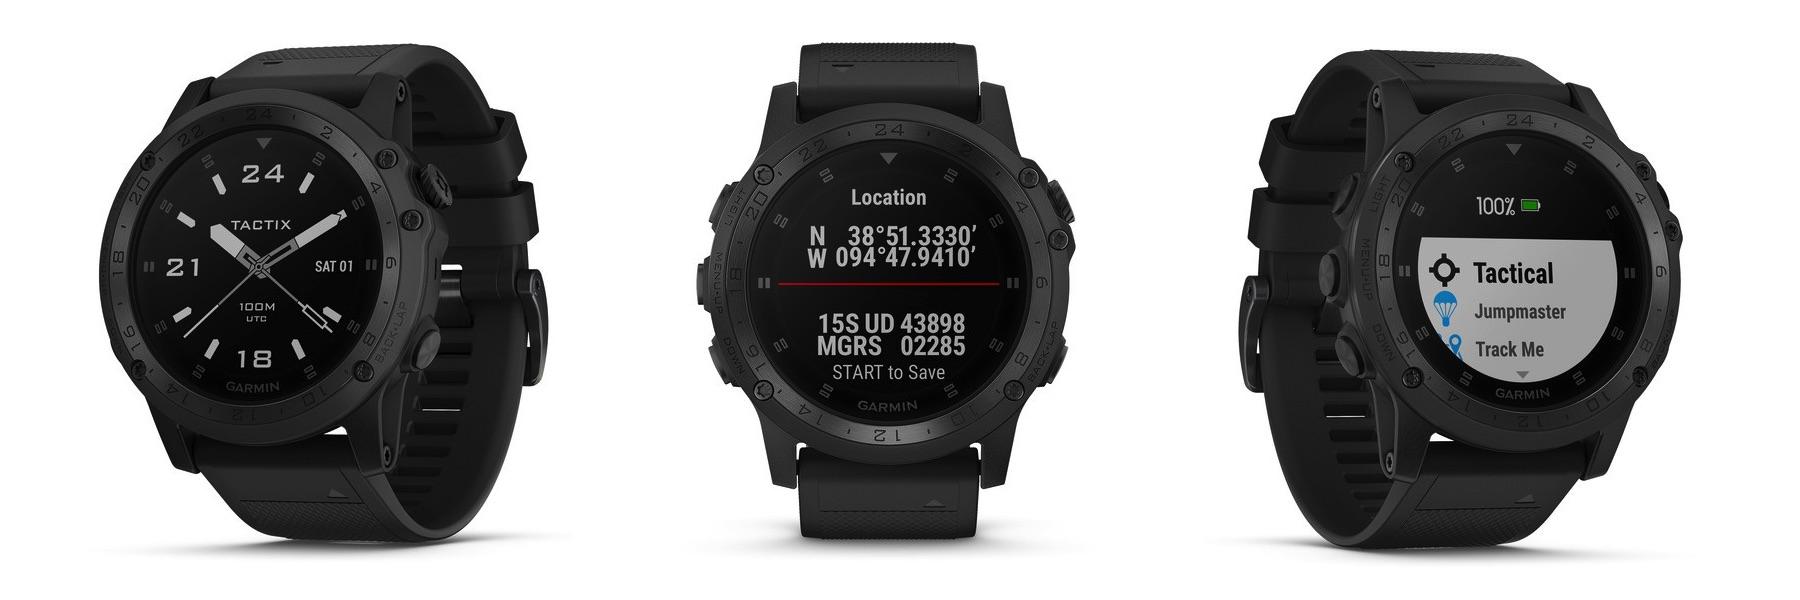 Nová verze hodinek Garmin Charlie se speciálními funkcemi